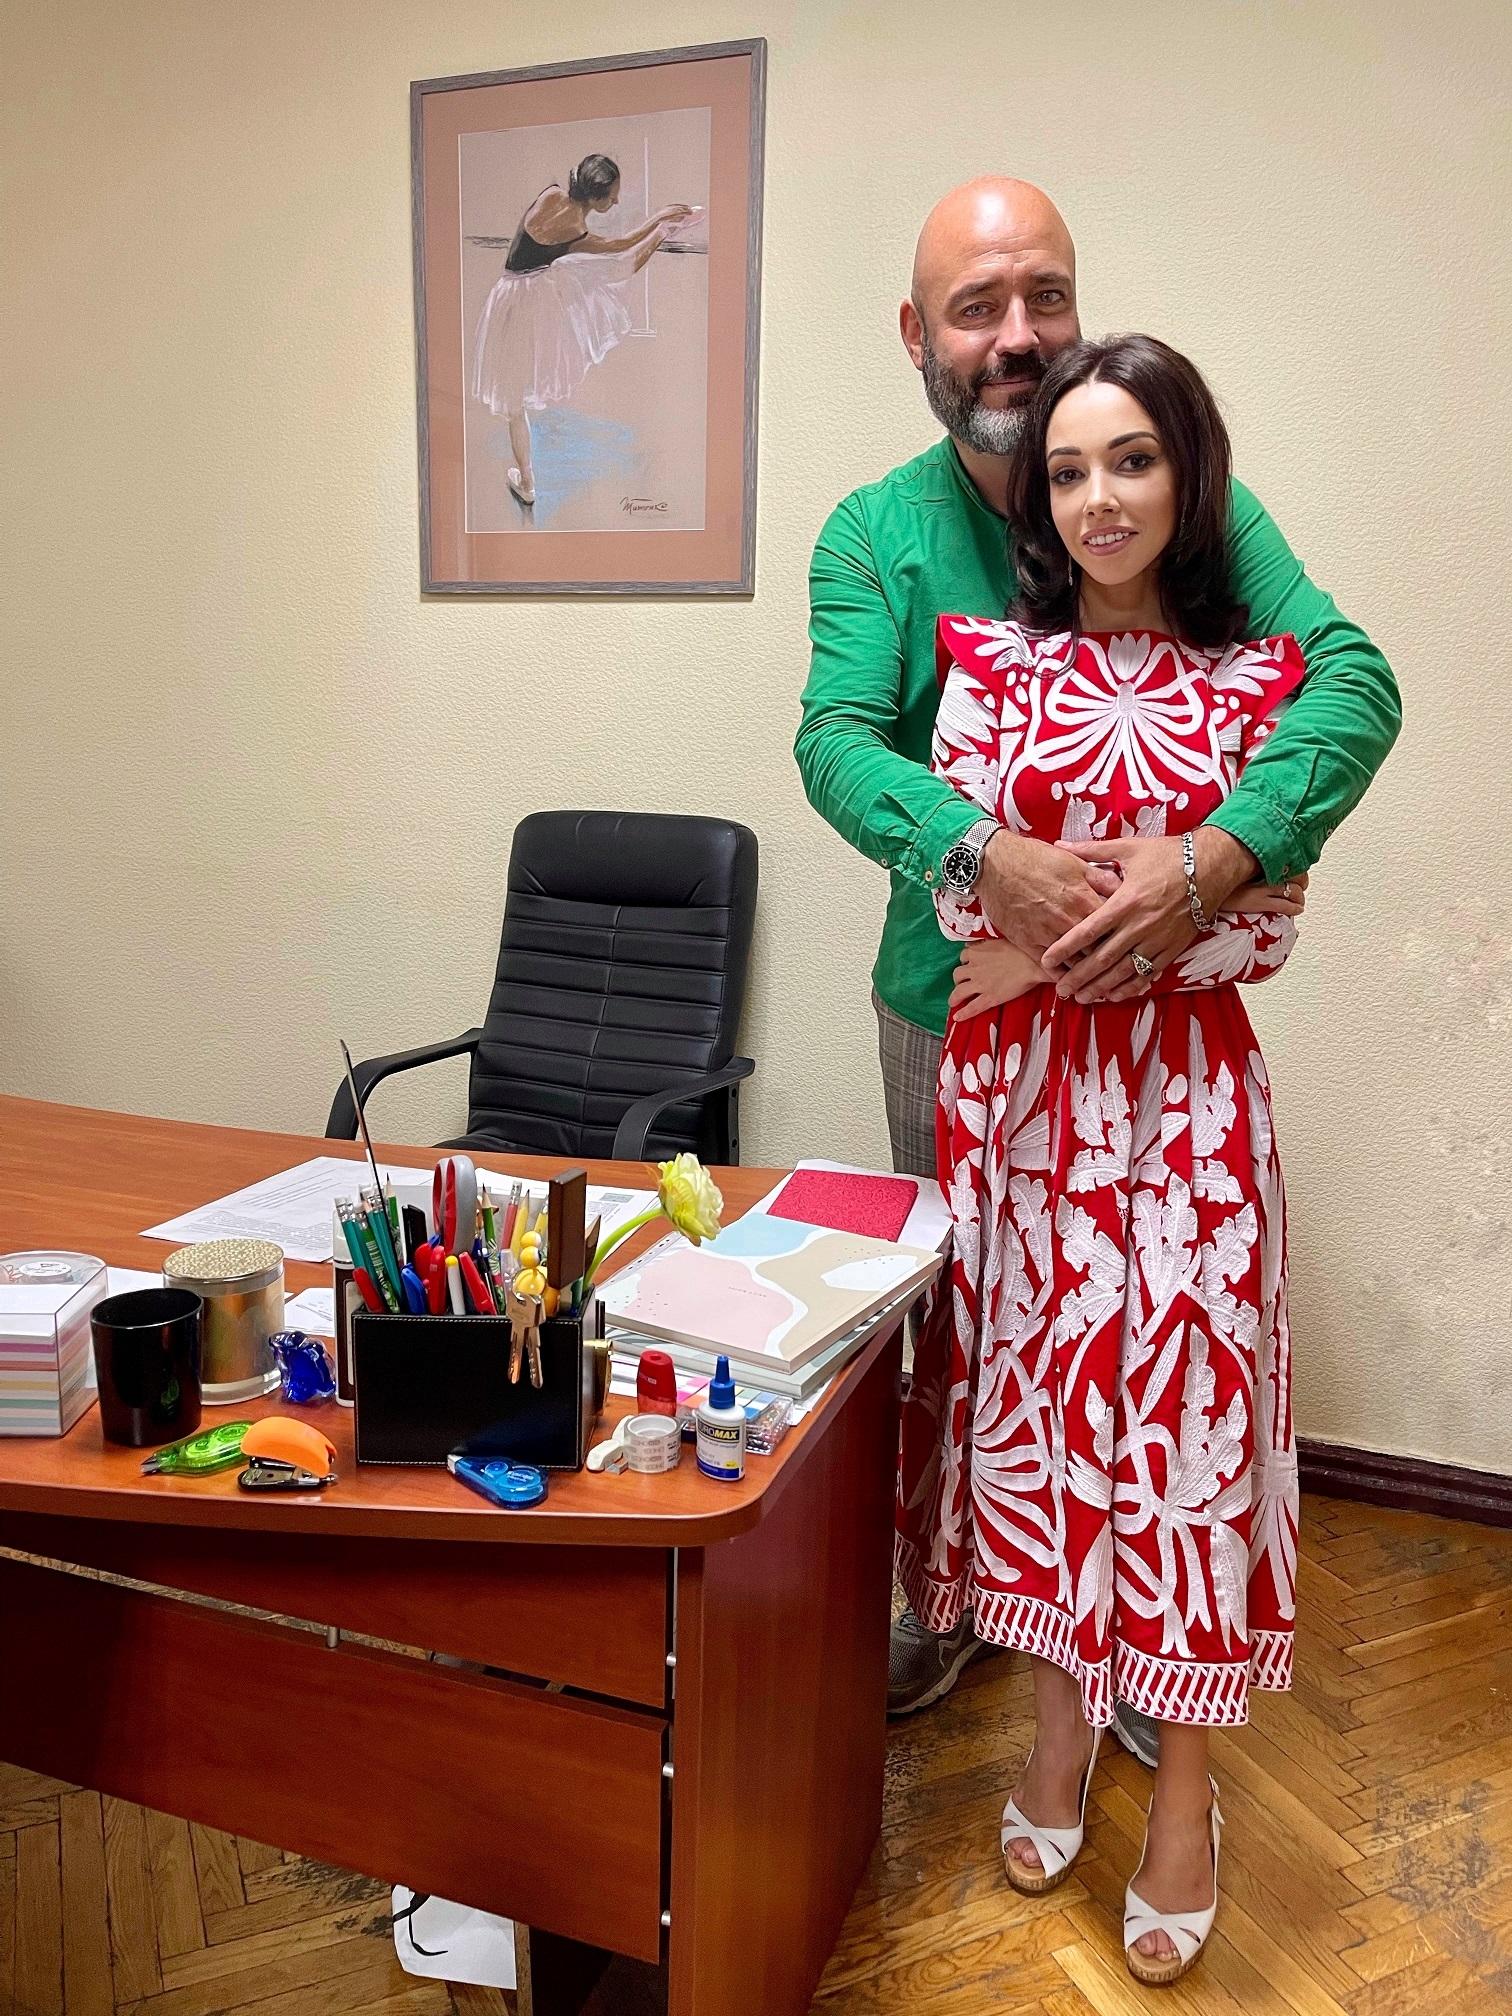 В червоній сукні з орнаментами: як Катерина Кухар провела 1 Вересня (ФОТО) - фото №4